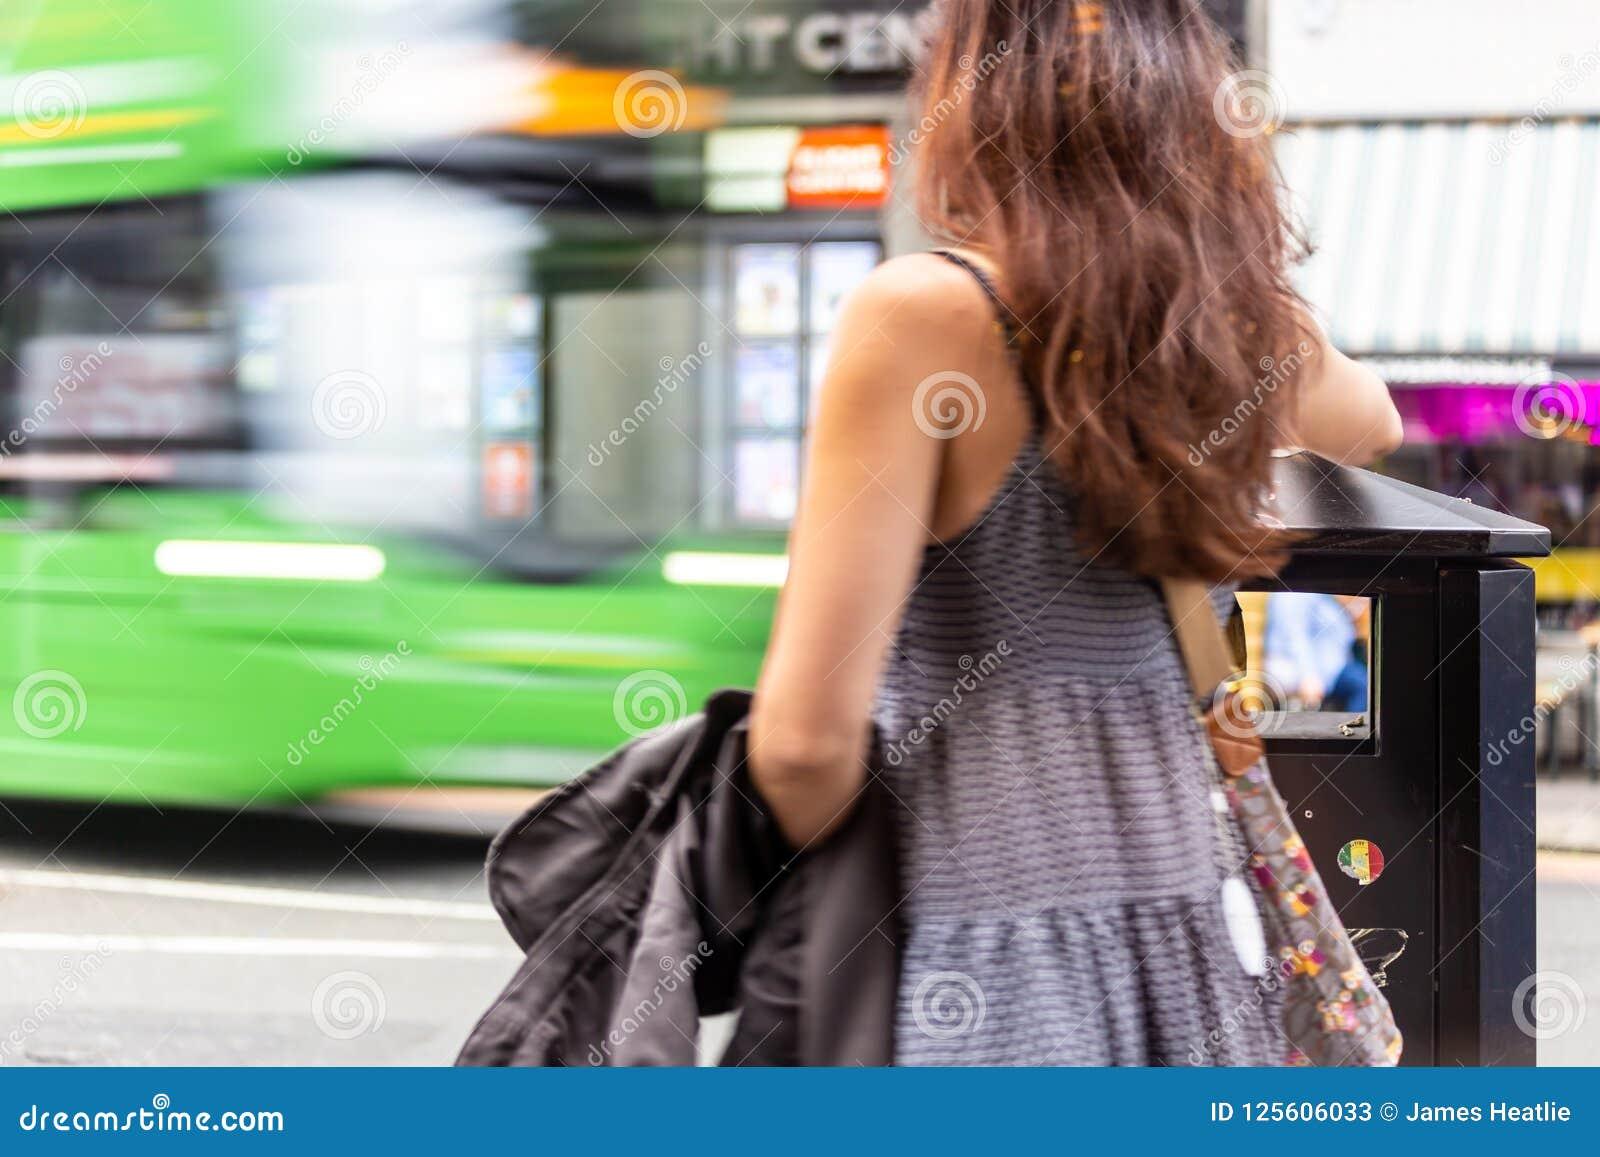 Το κορίτσι βάζει τα απορρίματα στο δοχείο καθώς το λεωφορείο περνά από στο Εδιμβούργο